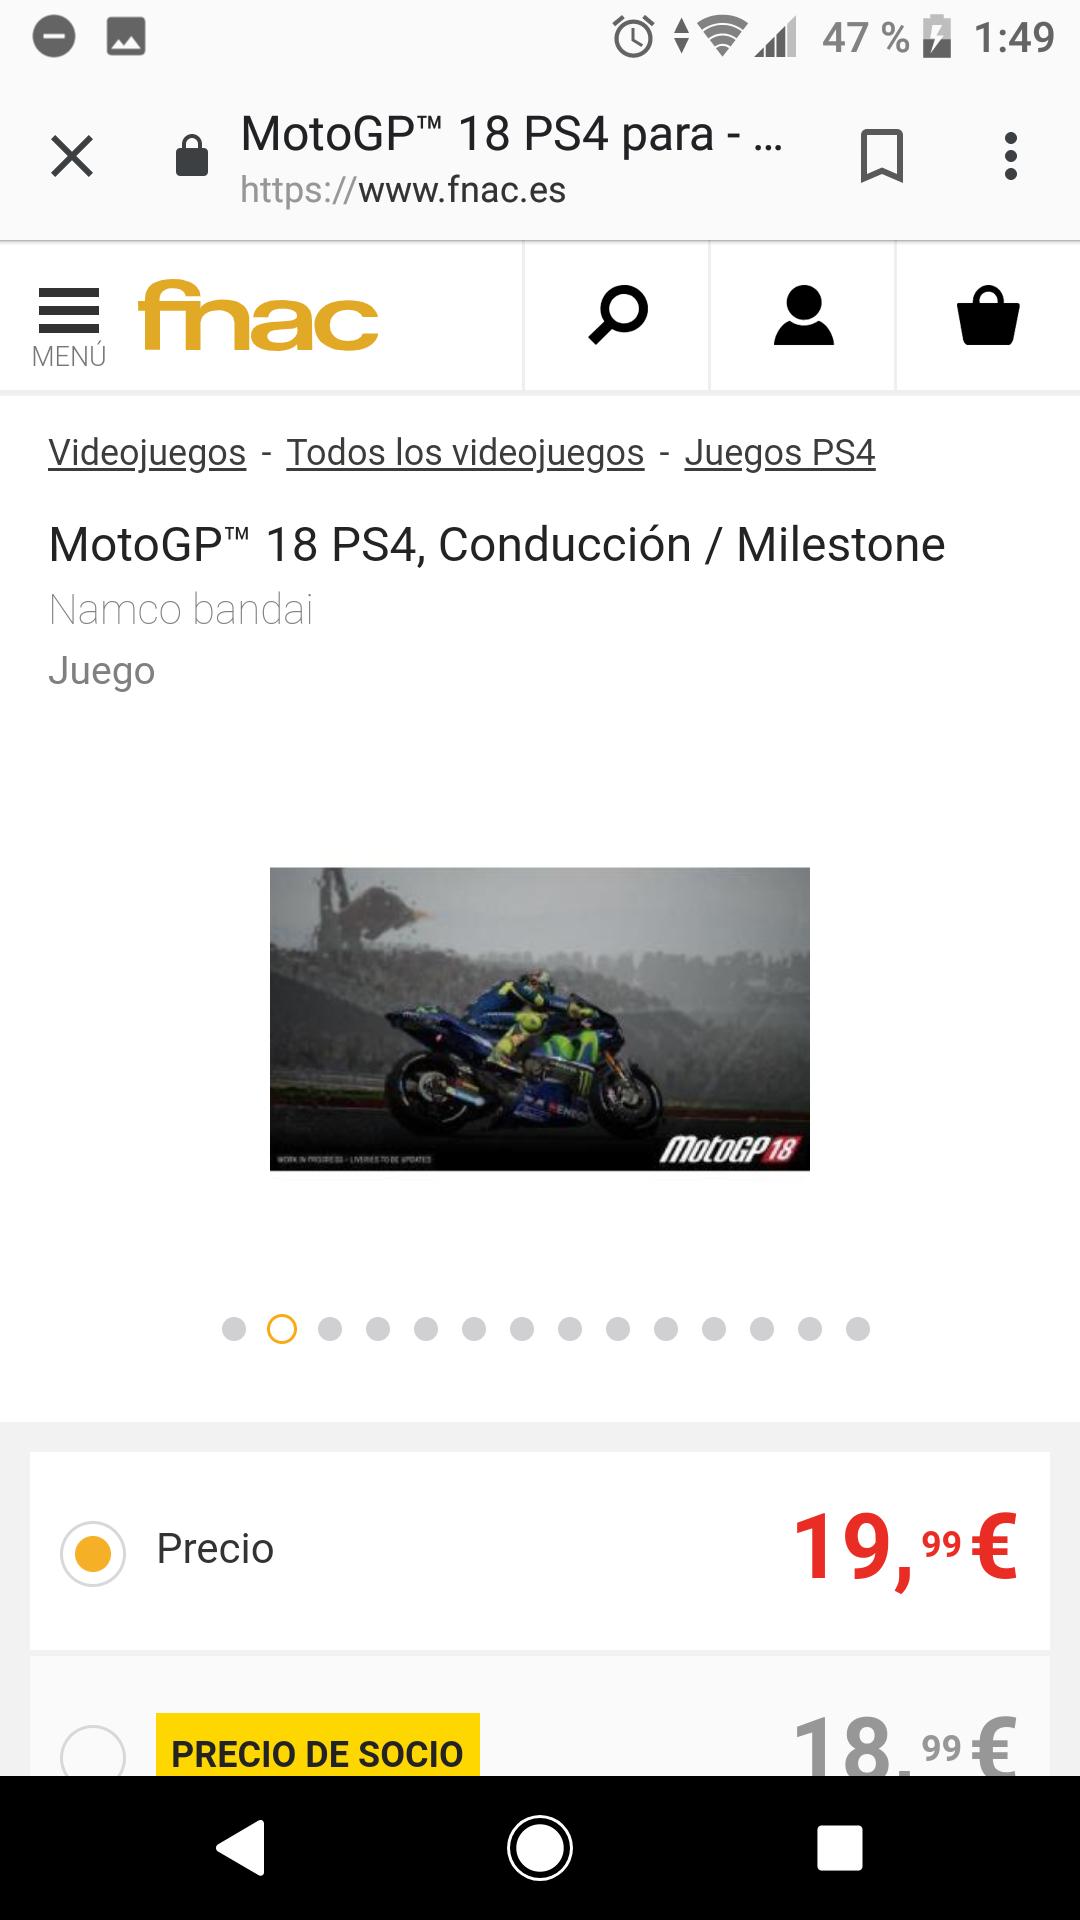 MotoGP™ 18 PS4, Conducción / Milestone